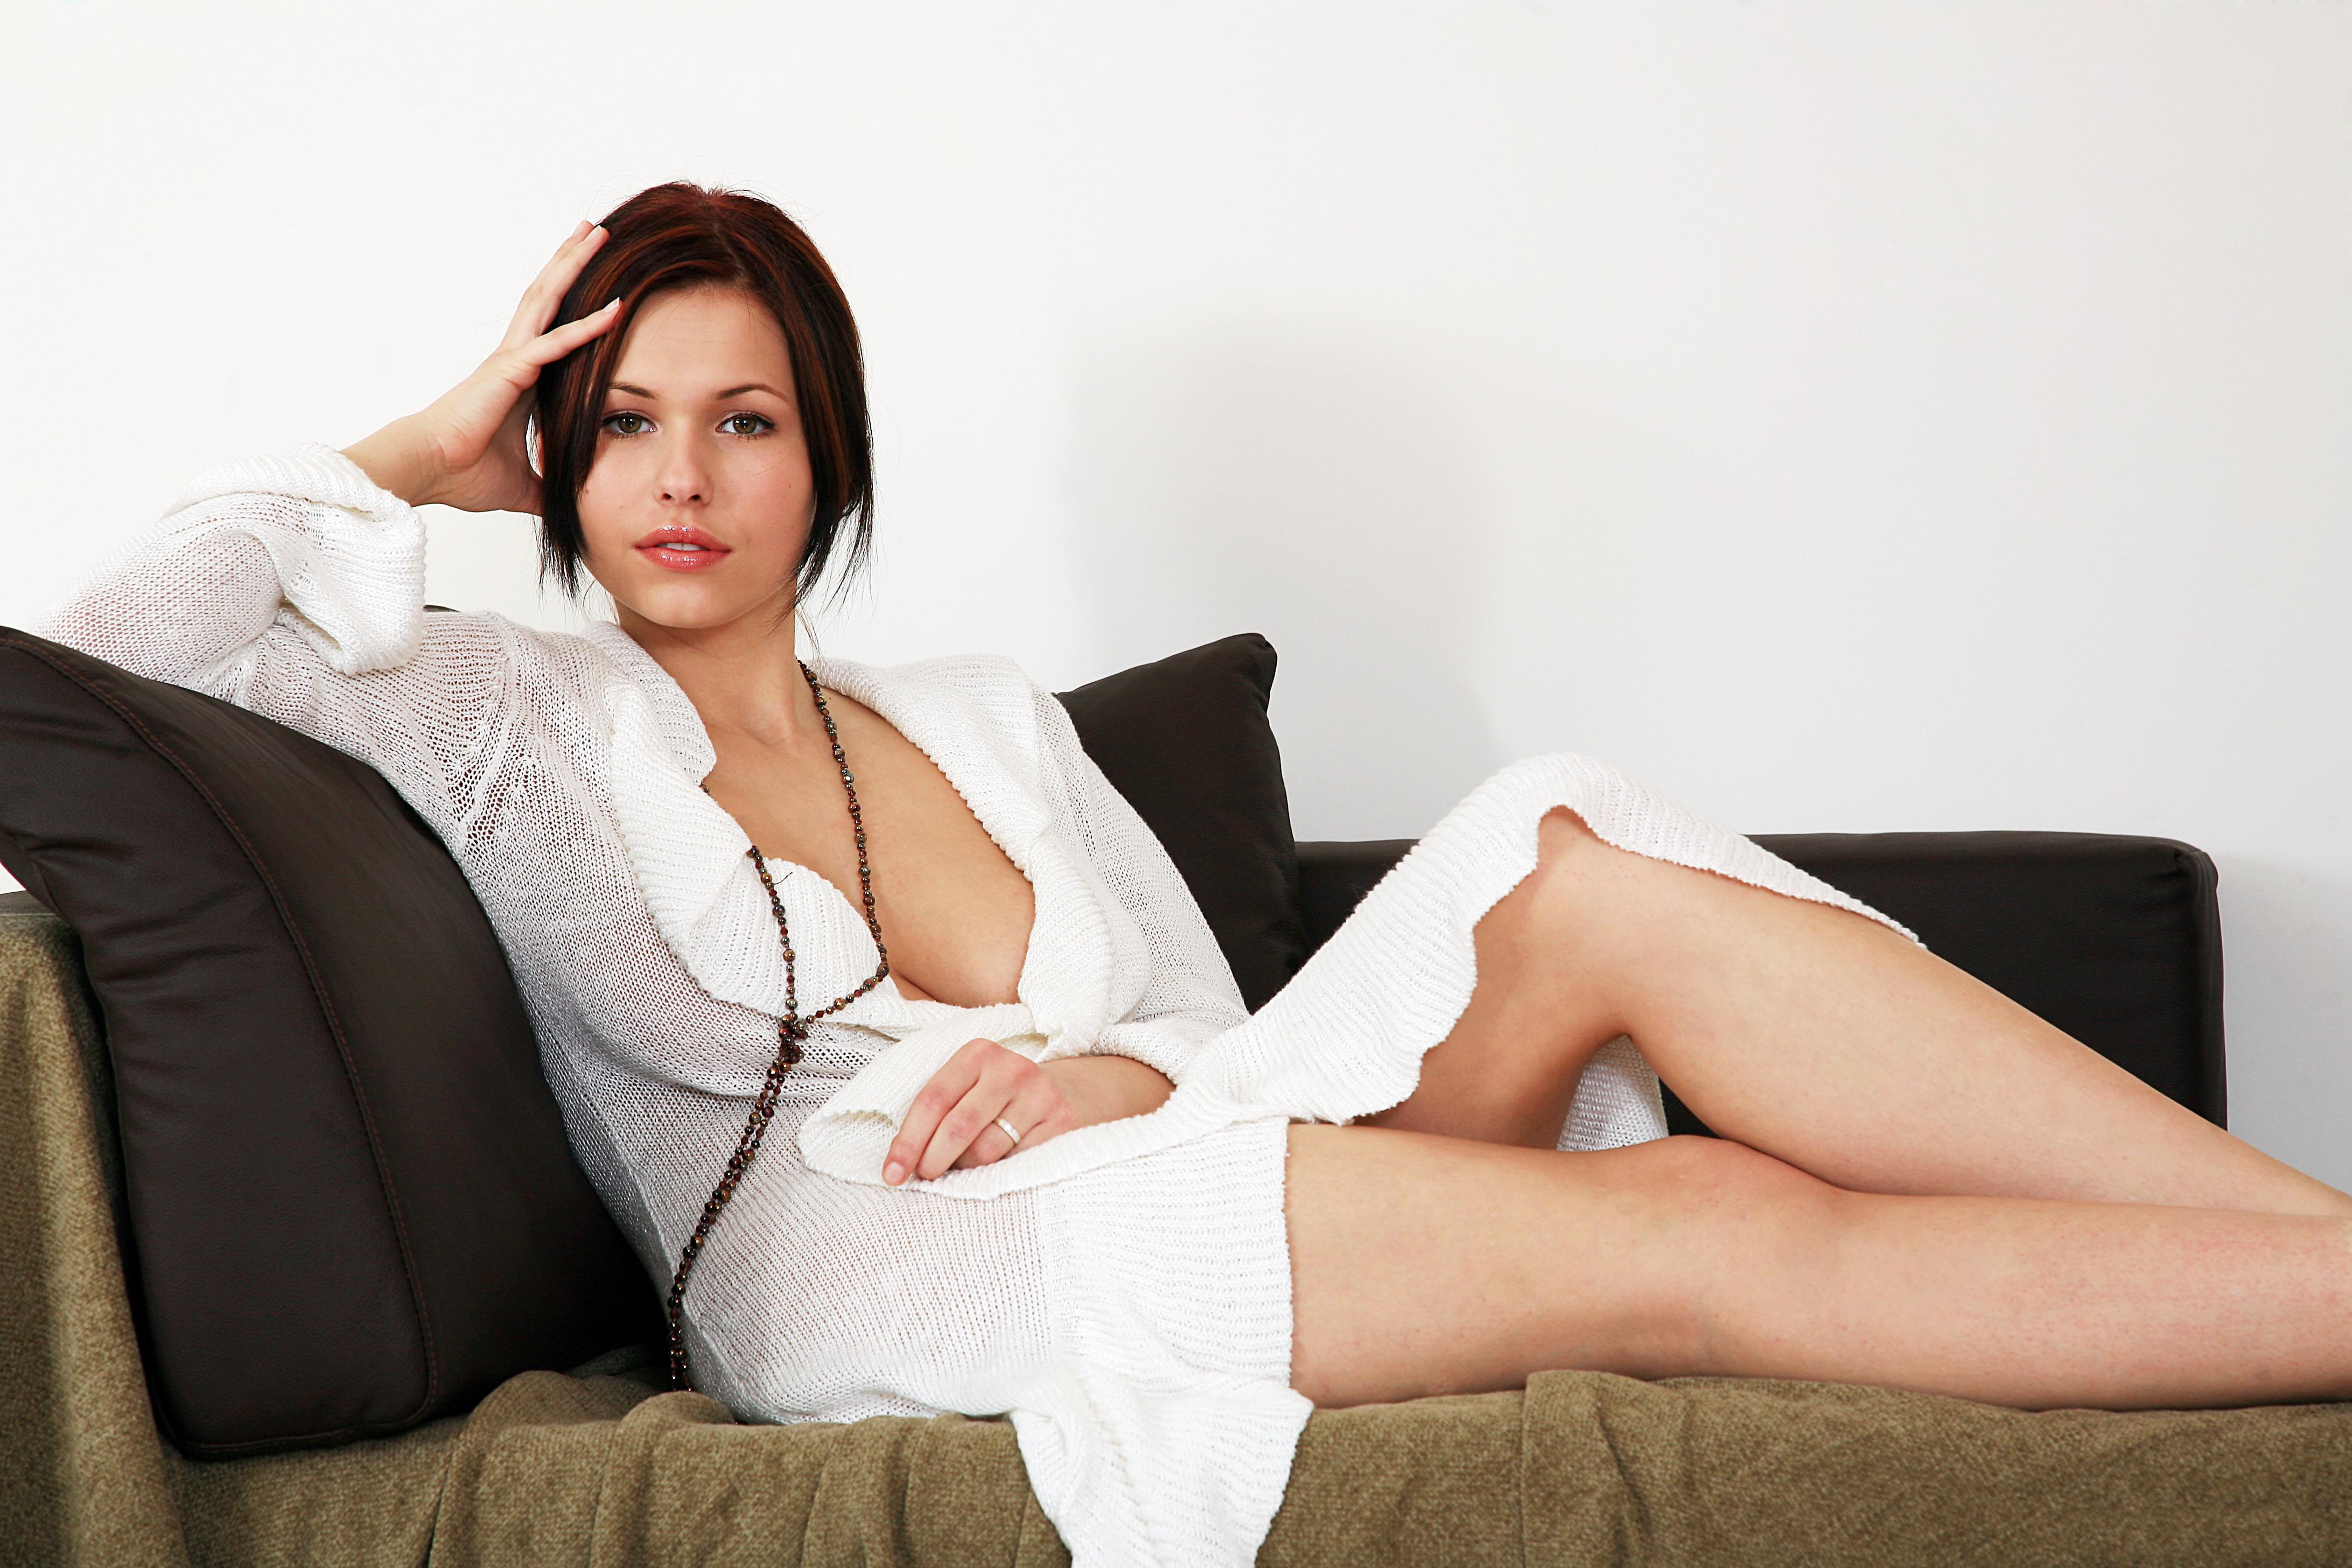 Возбуждённая блудница Anita мастурбирует в чулках на диване  430710